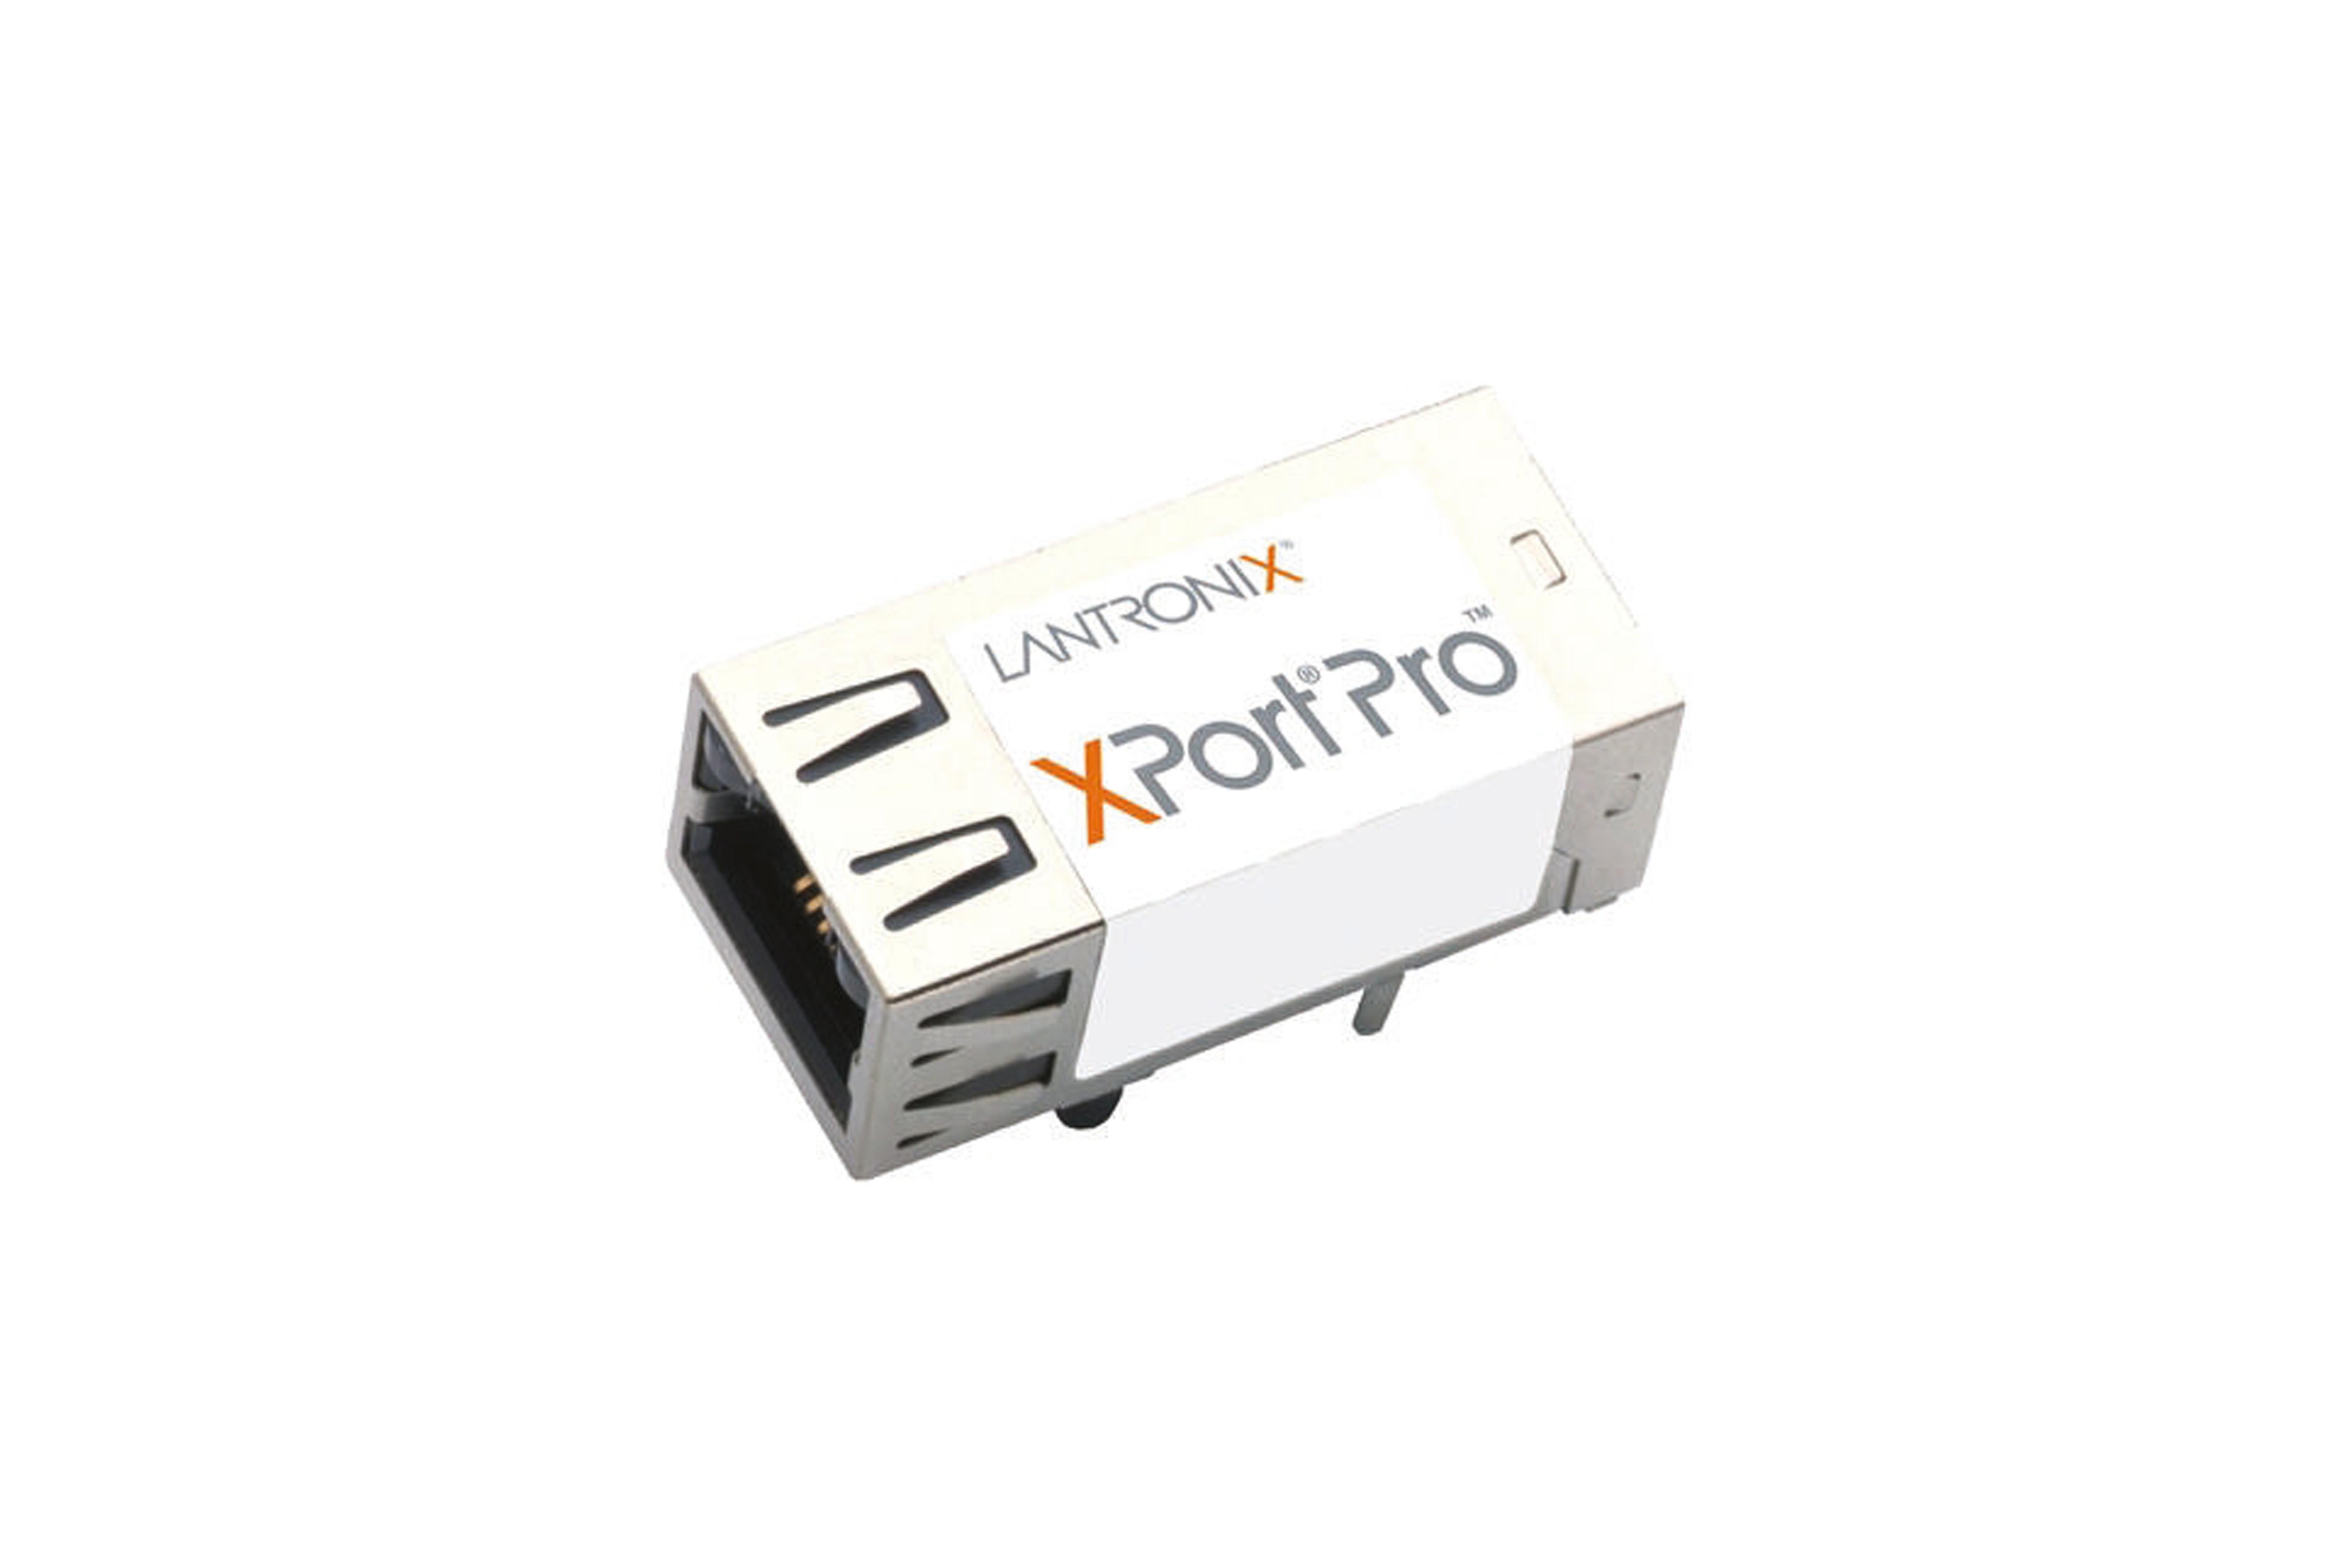 XPort Pro Temp. SRAMétendue avec chiffrement